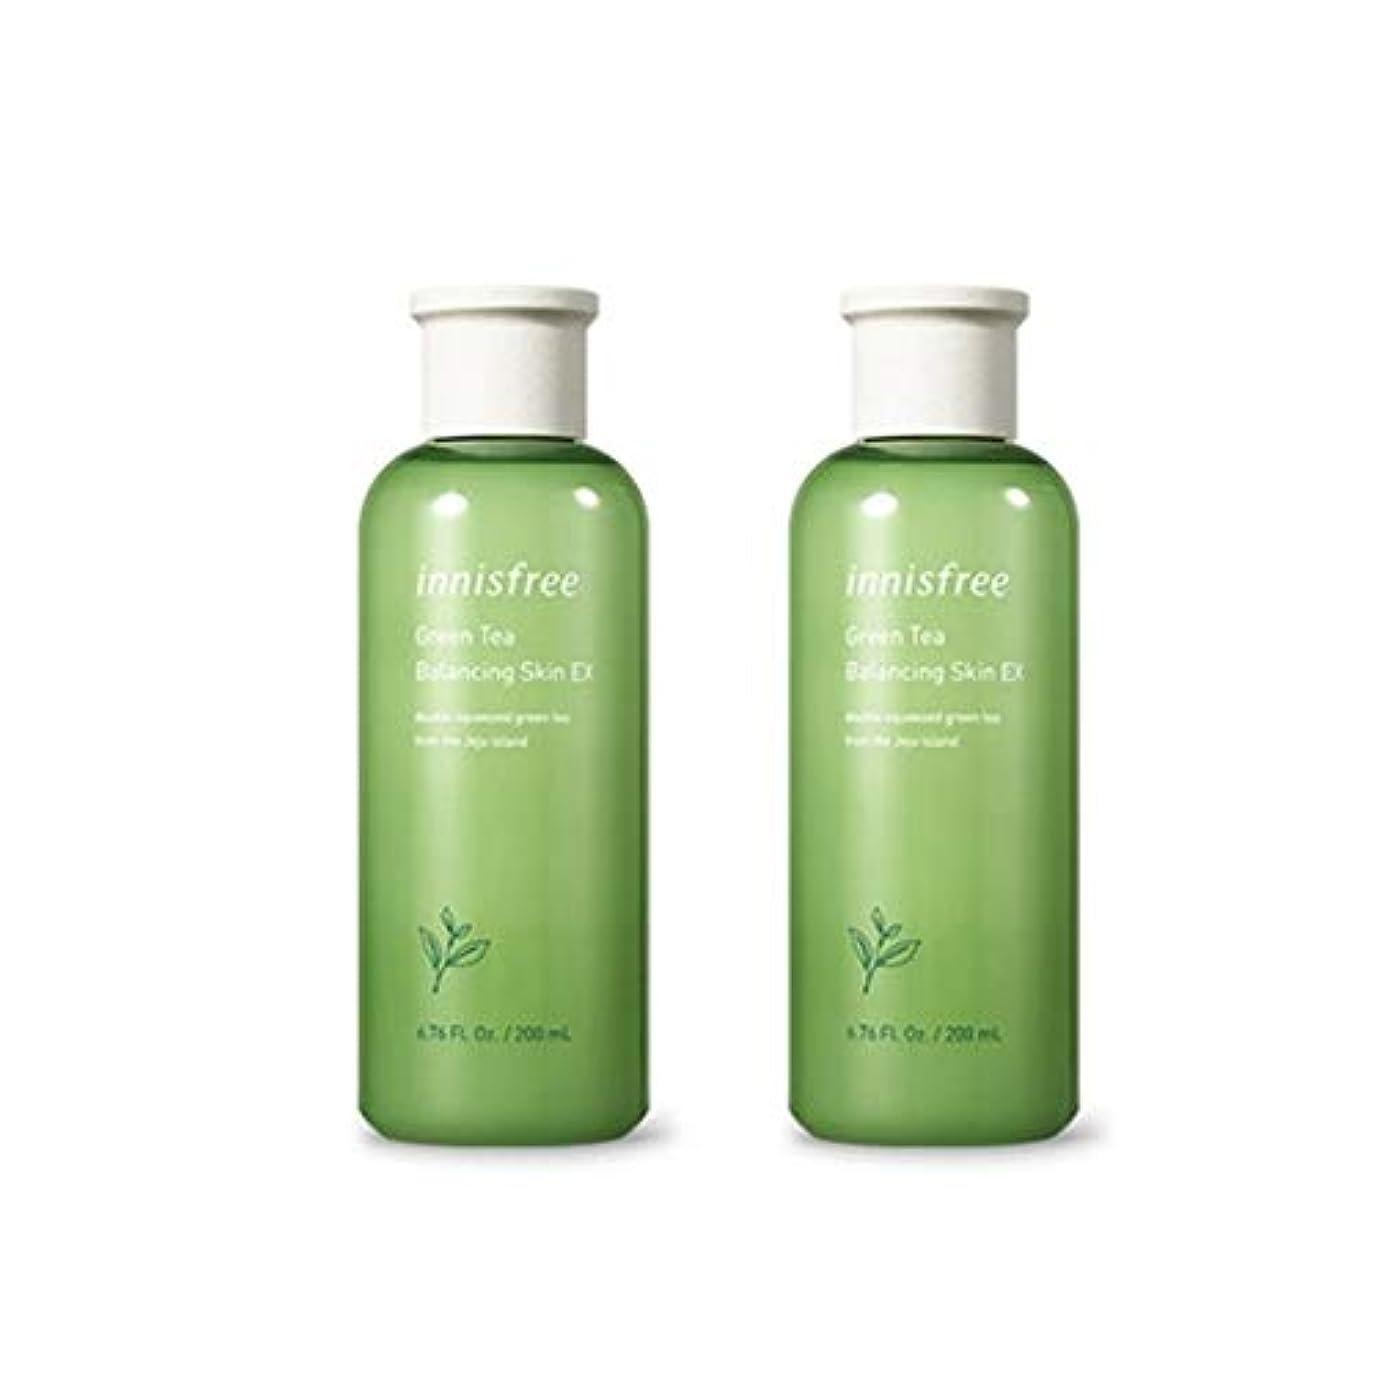 かかわらずイタリックサイレントイニスフリーグリーンティーバランシングスキンEX 200mlx2本セット韓国コスメ、innisfree Green Tea Balancing Skin EX 200ml x 2ea Set Korean Cosmetics...